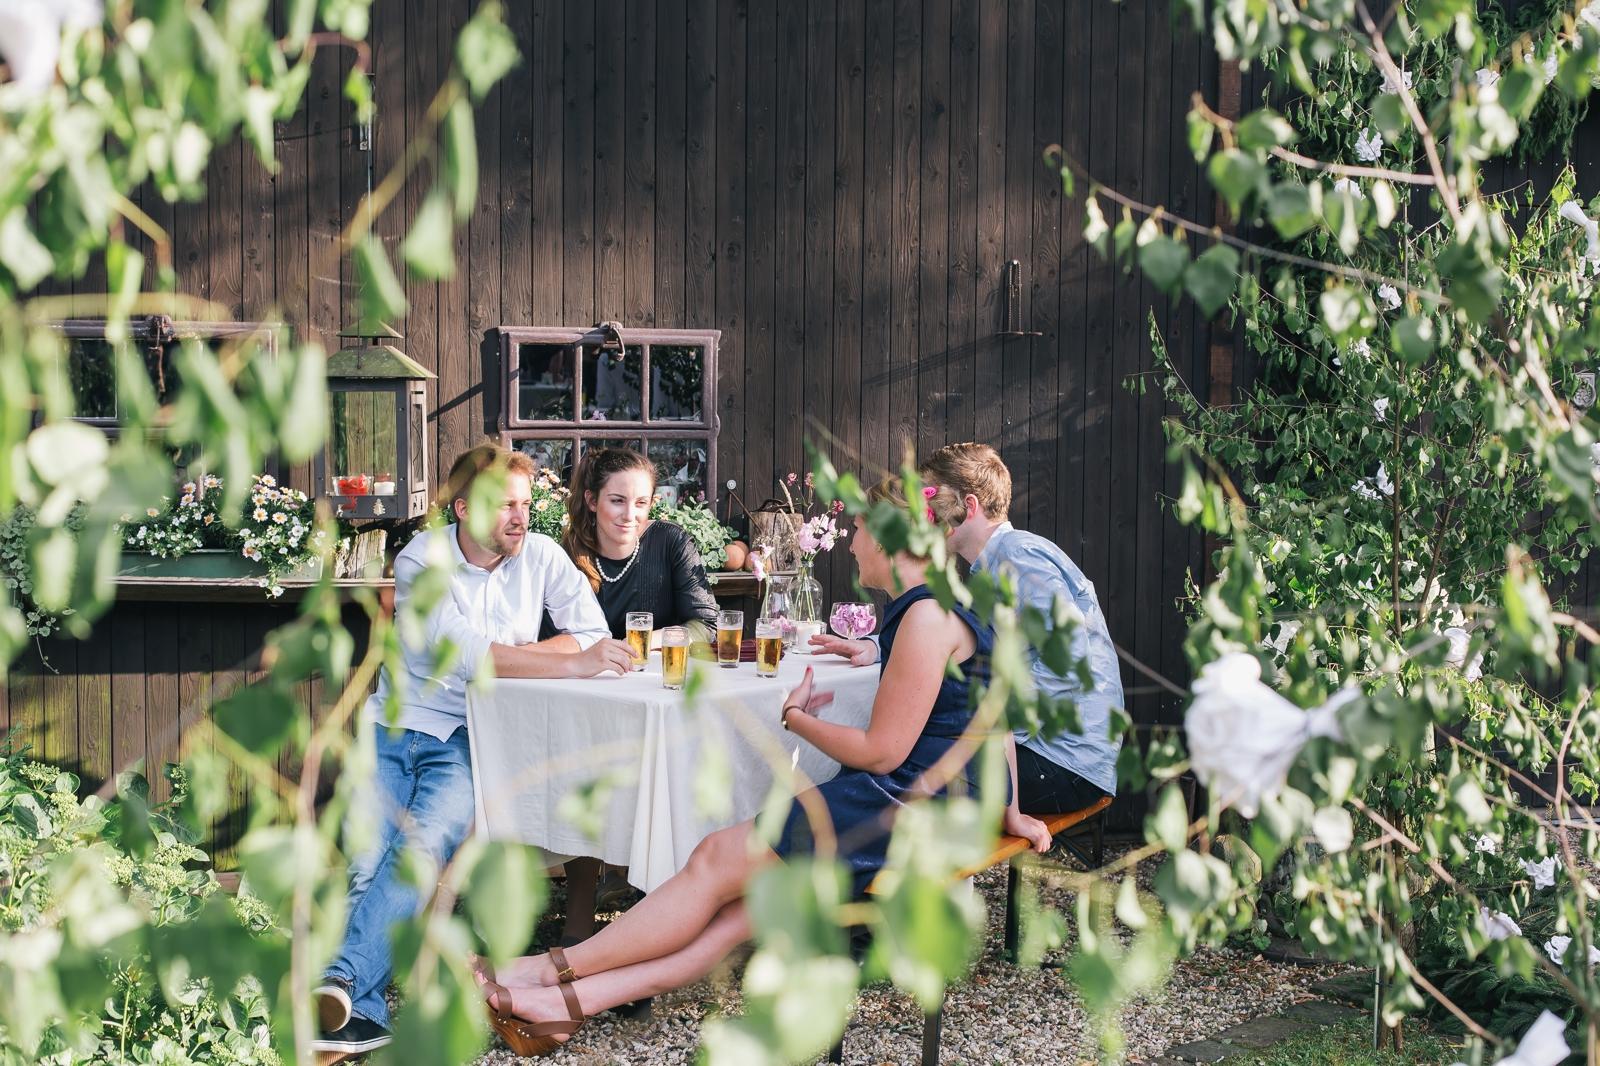 Monstergraphie_Hochzeitsreportage_Bottrop42.jpg?fit=1600%2C1066